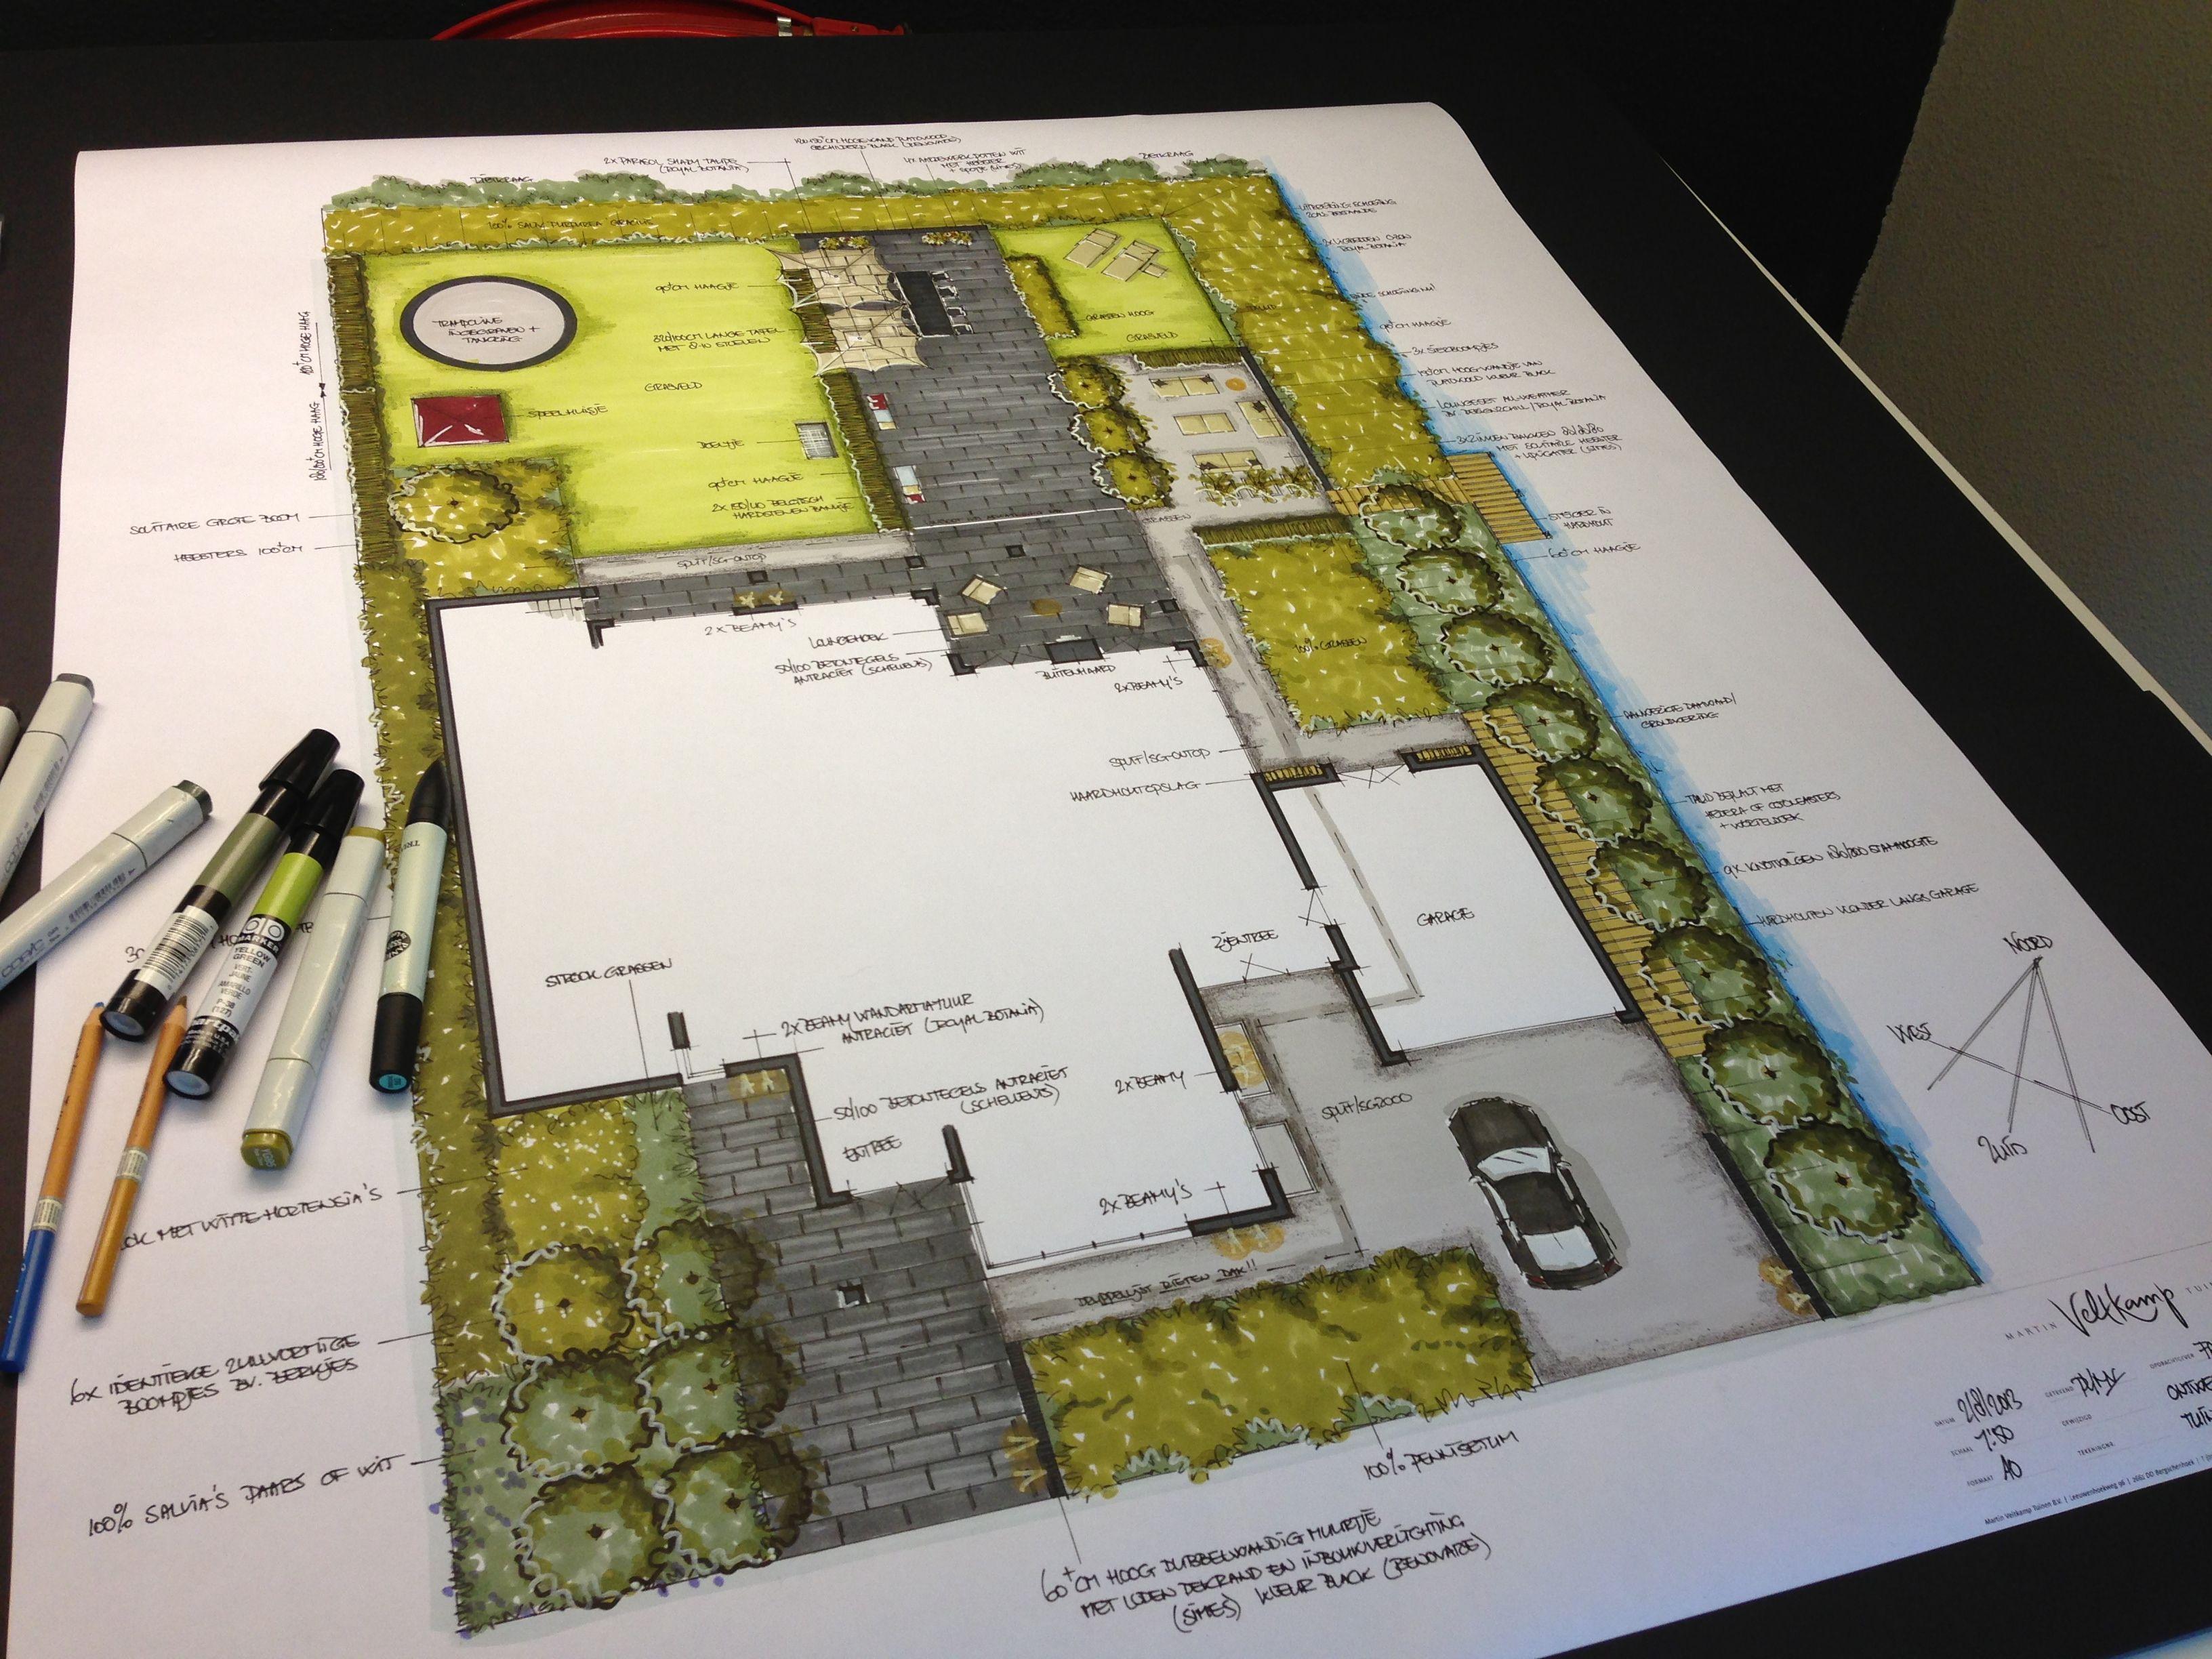 Pin van martin veltkamp tuinen op tuinontwerpen garden - How many years is interior design school ...